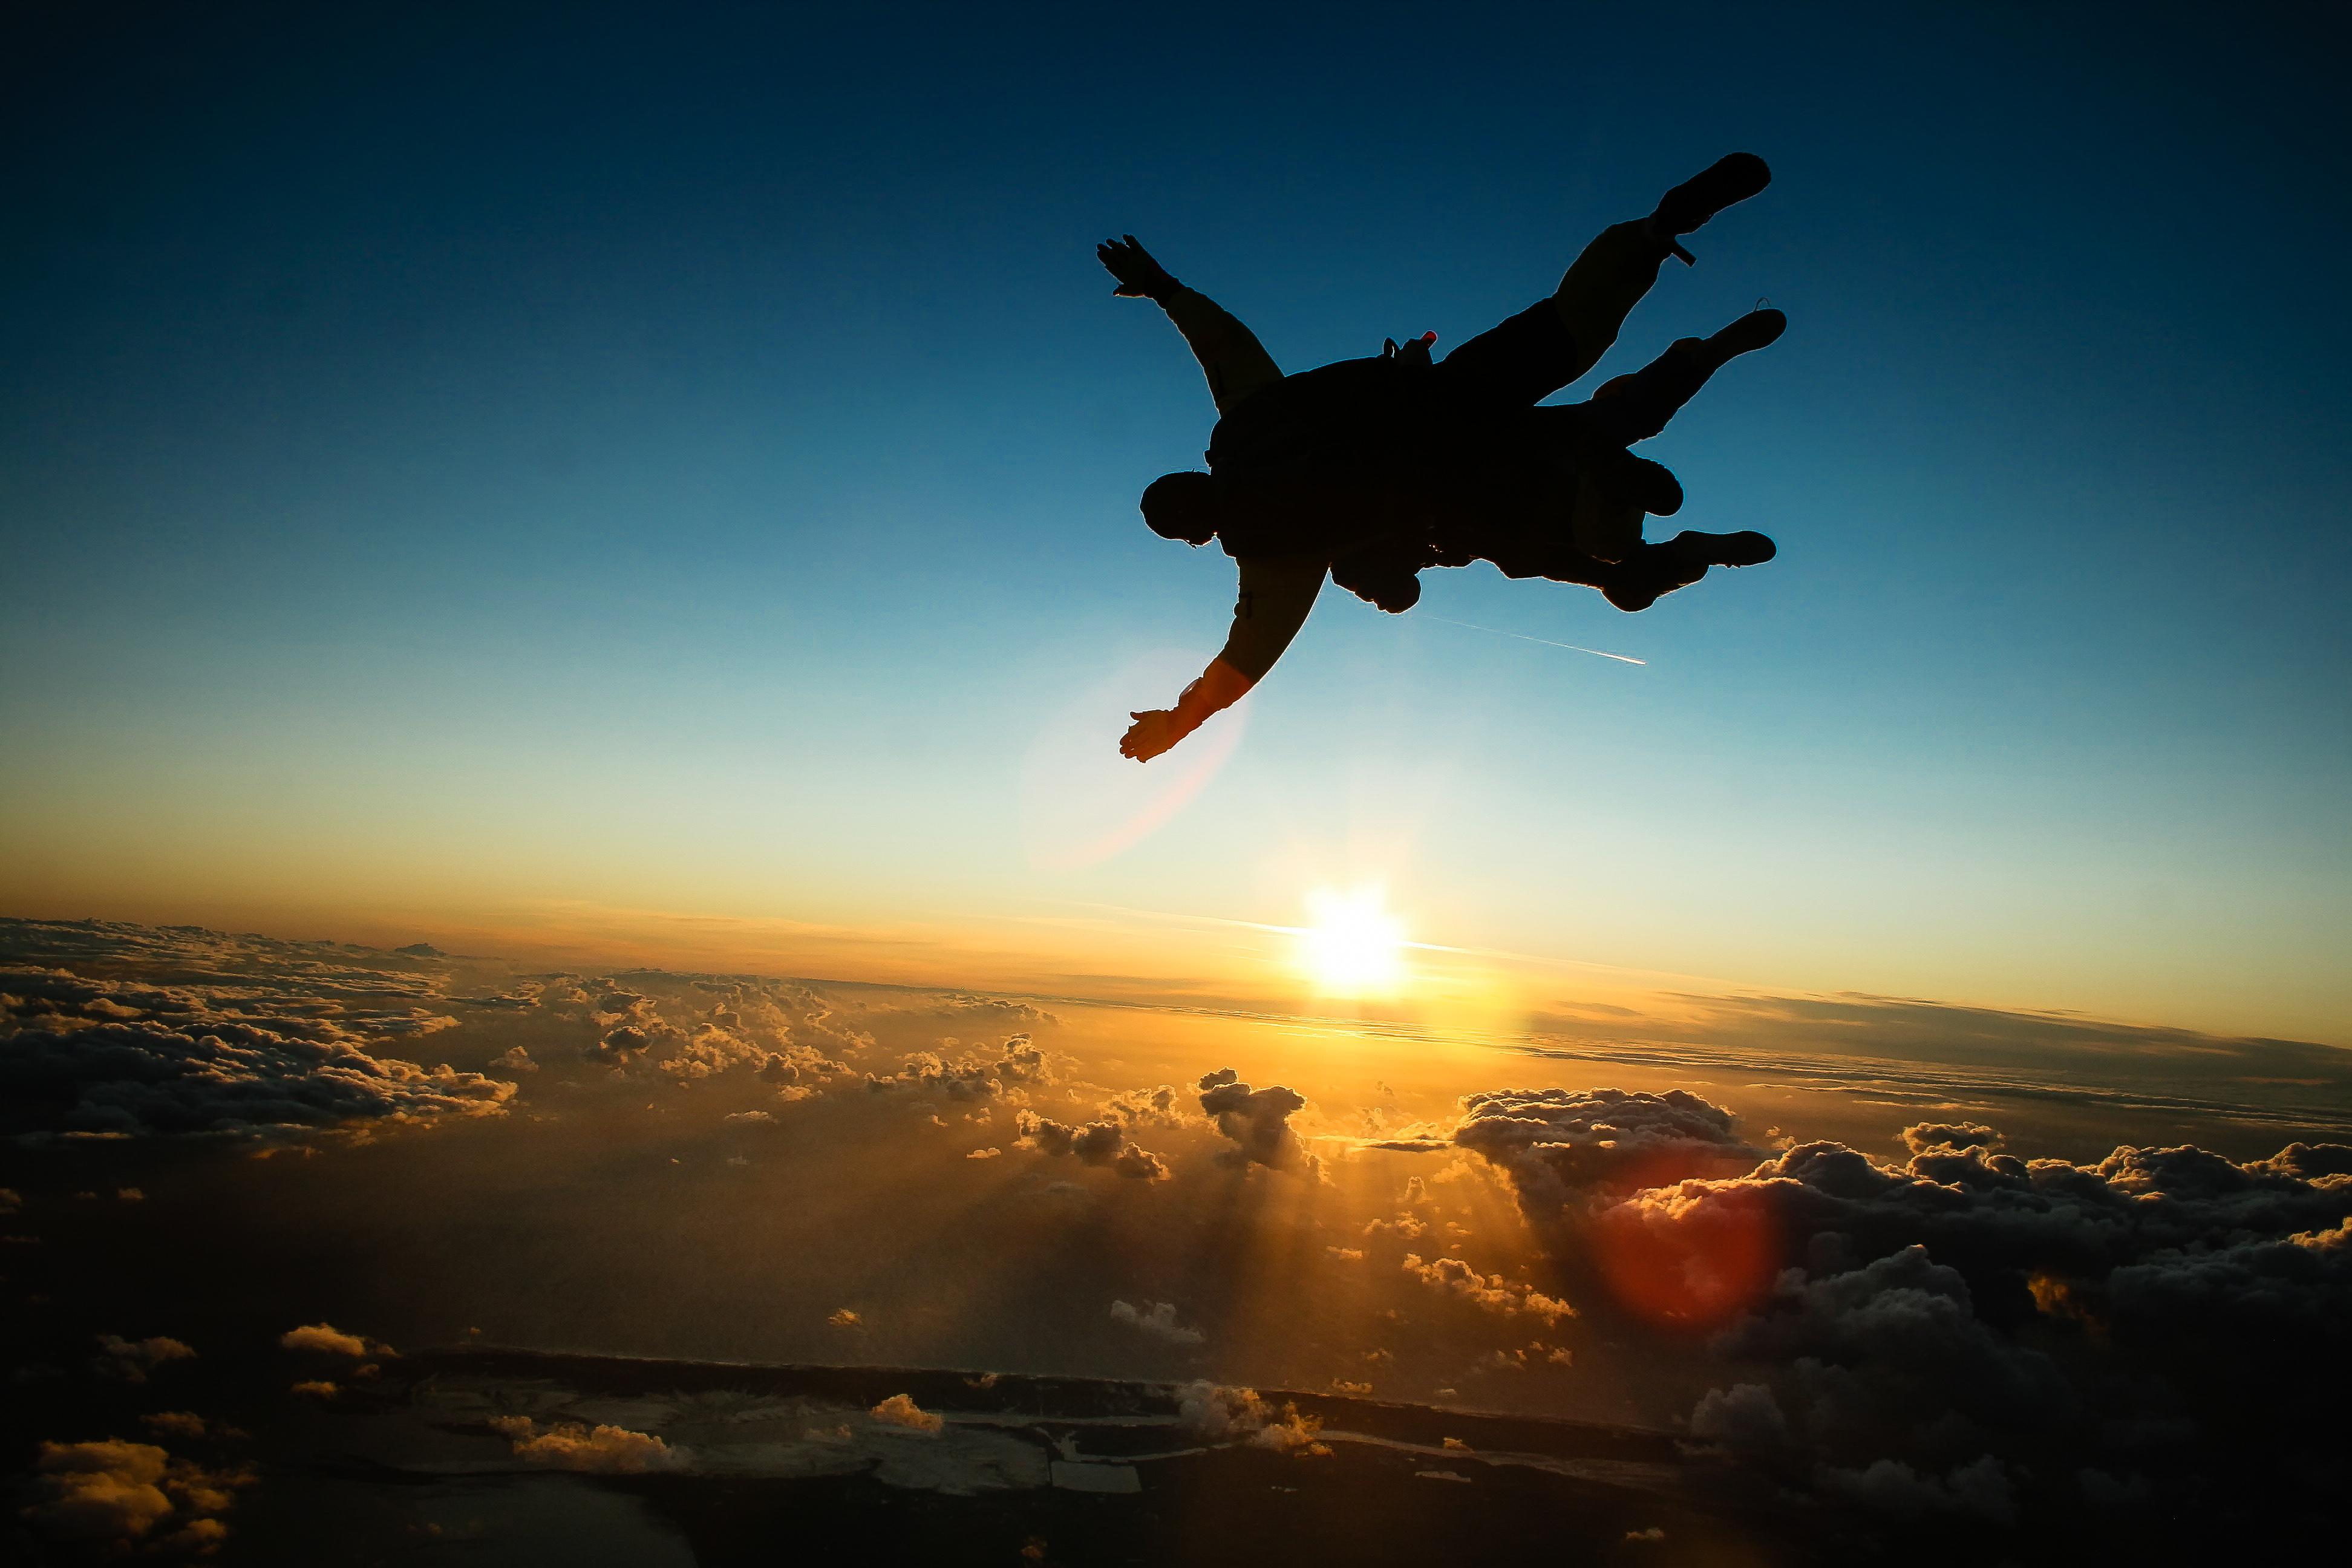 Прыжок с парашютом в тандеме закат